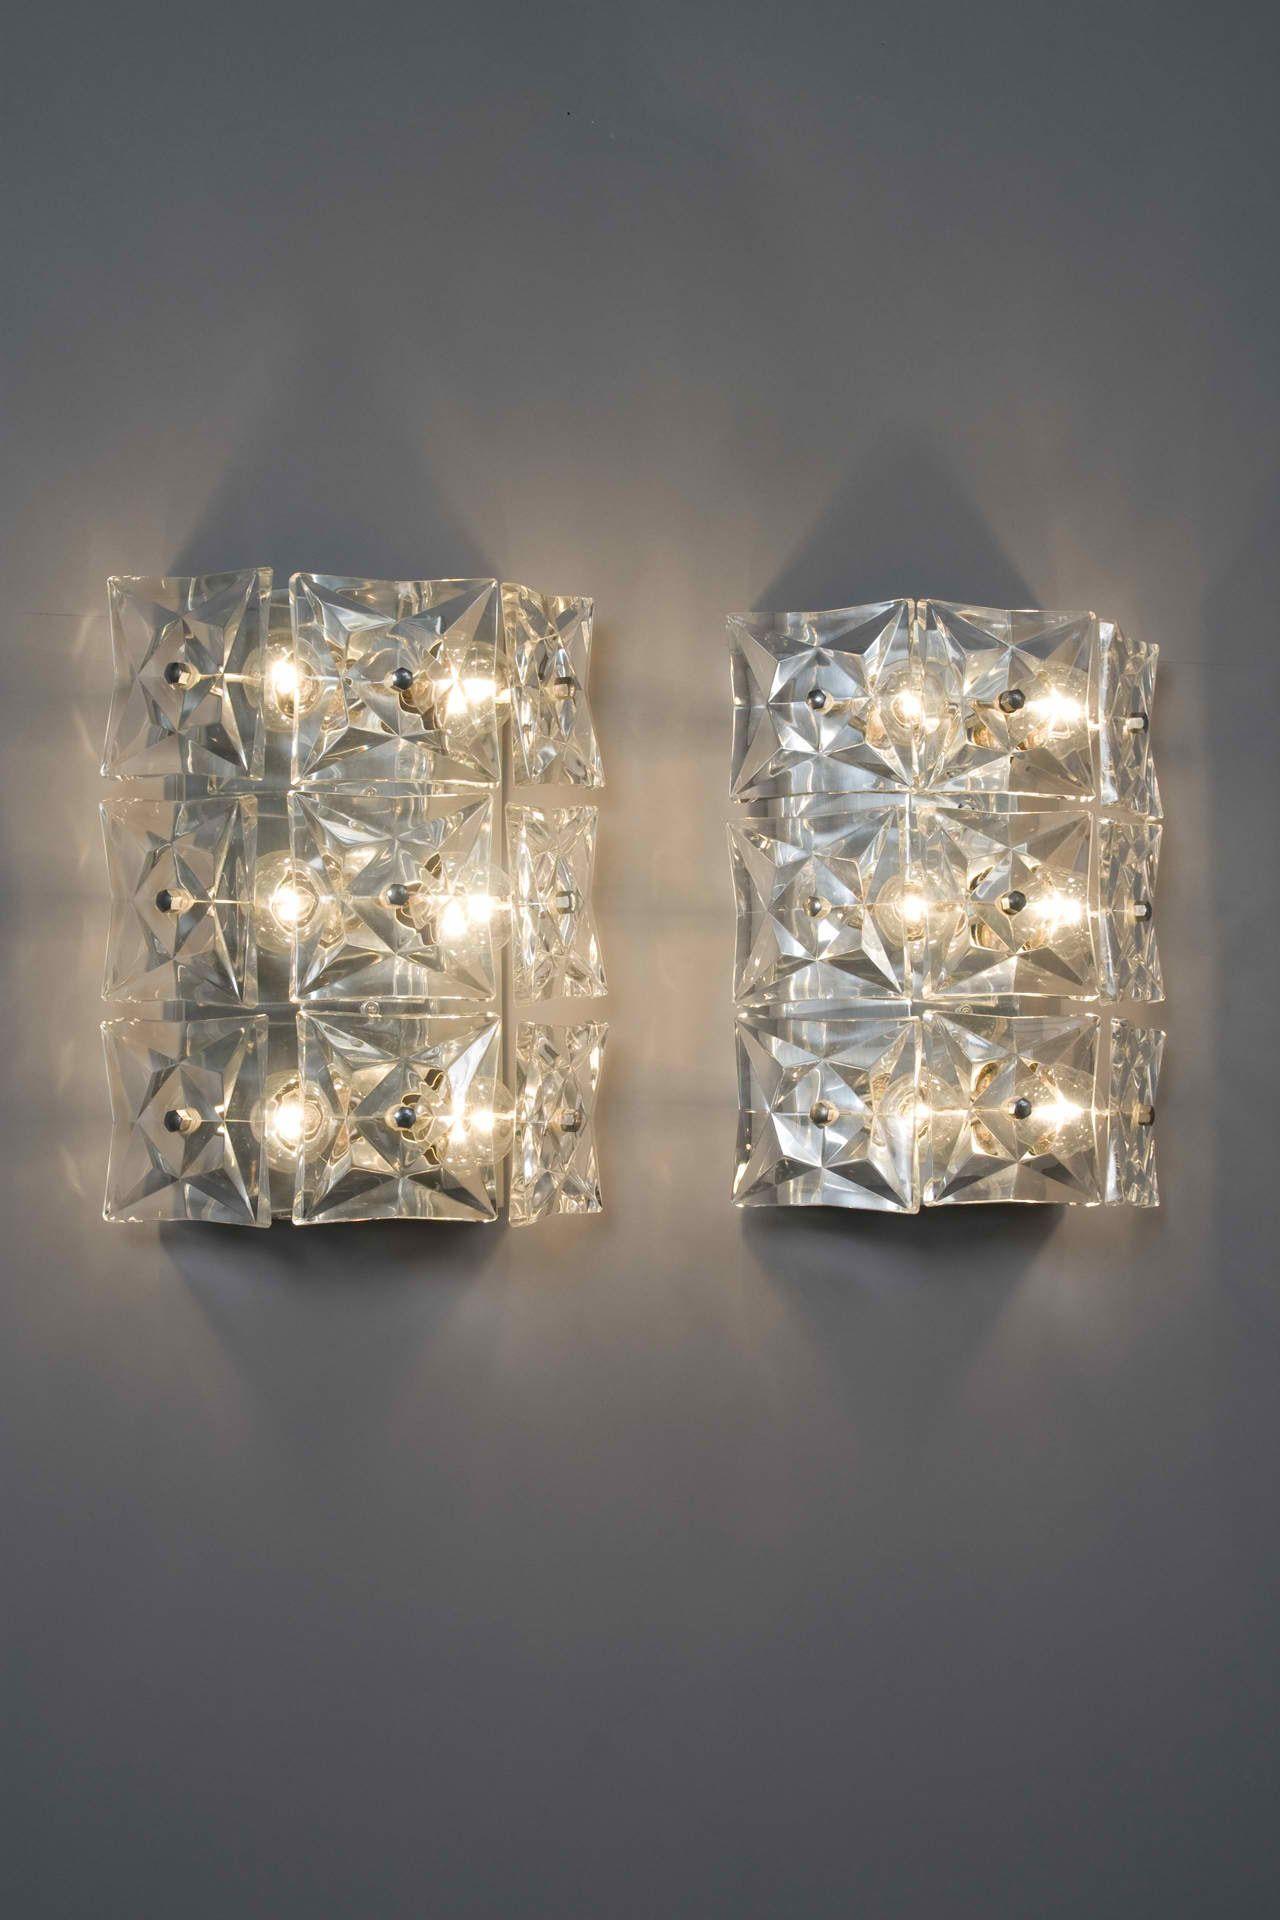 Crystal sconces | Home furniture | Pinterest | Crystal sconce ...